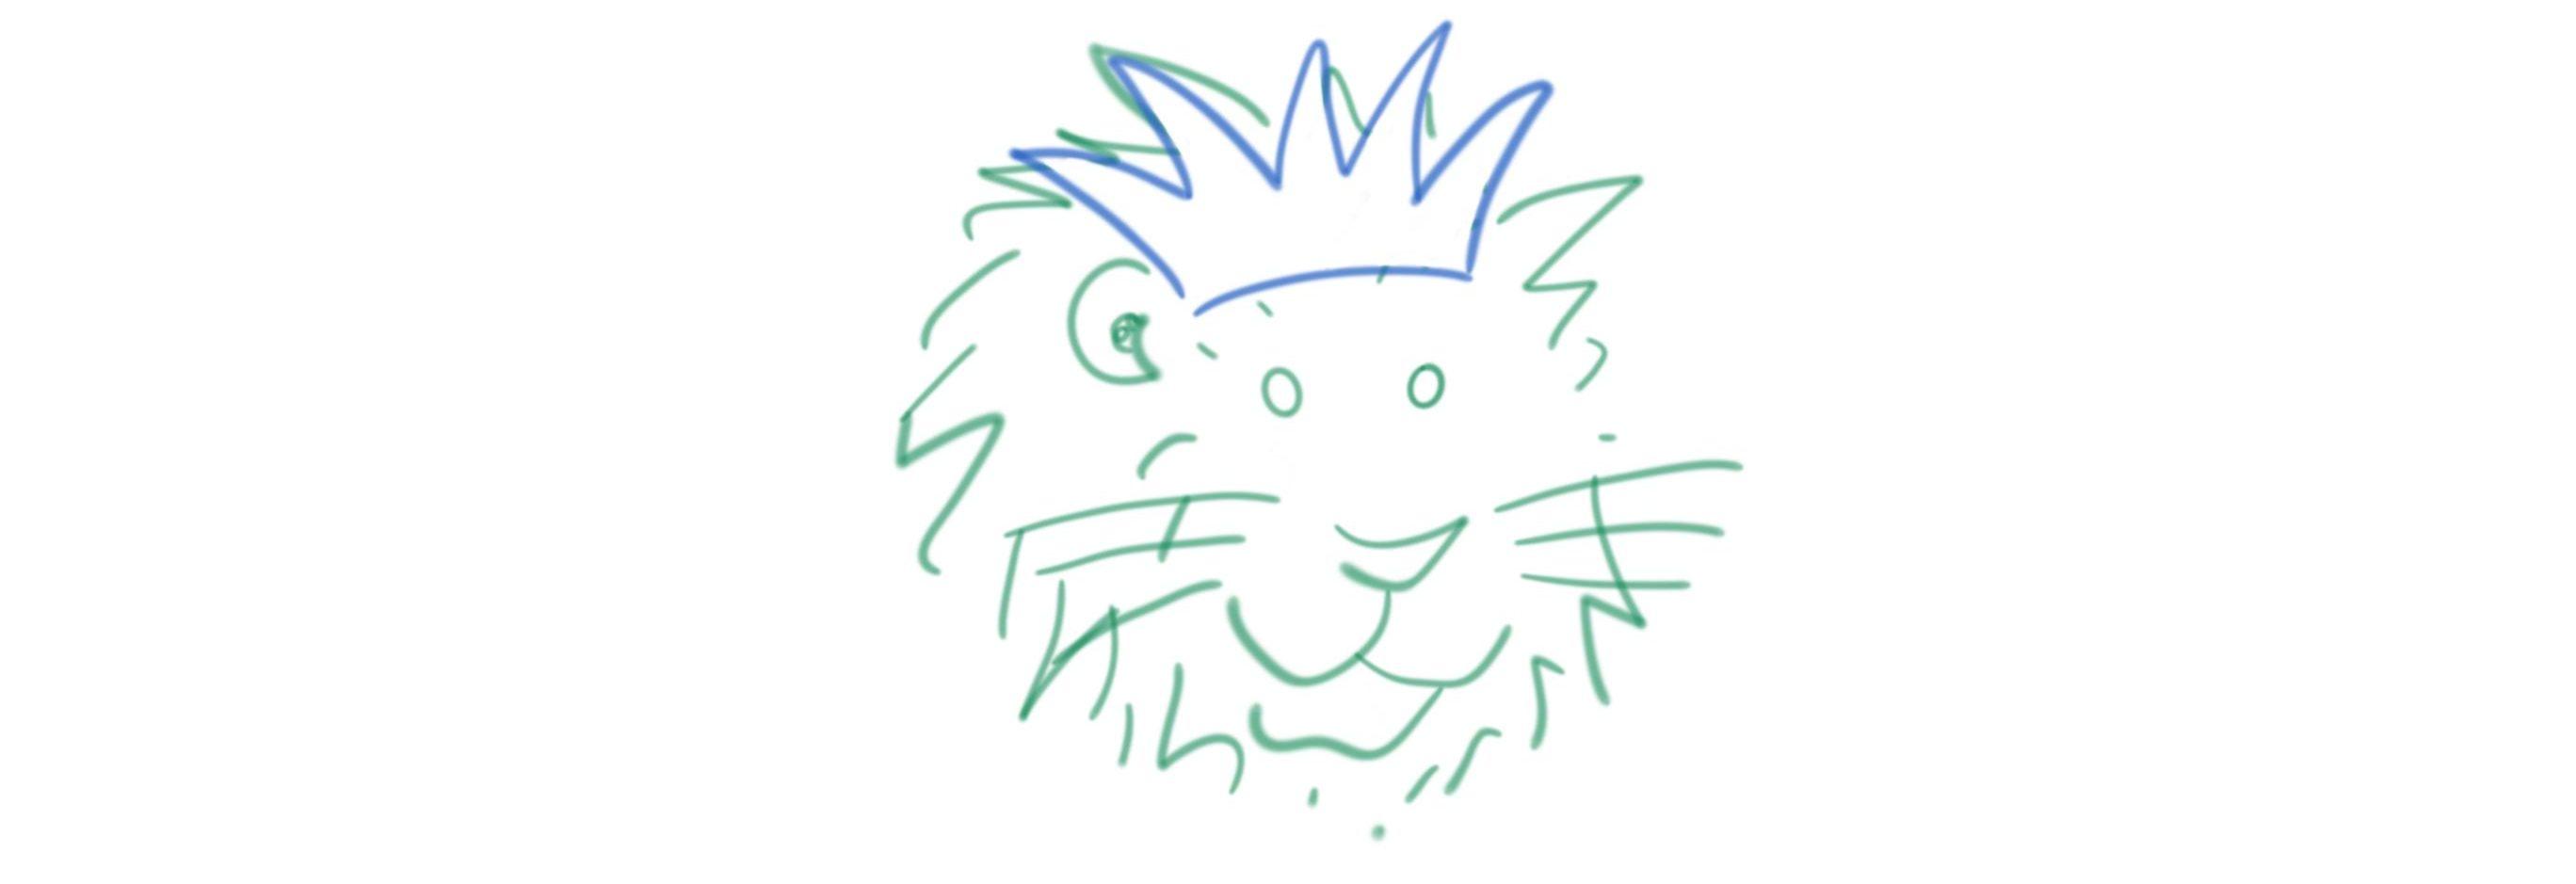 grün.löwe